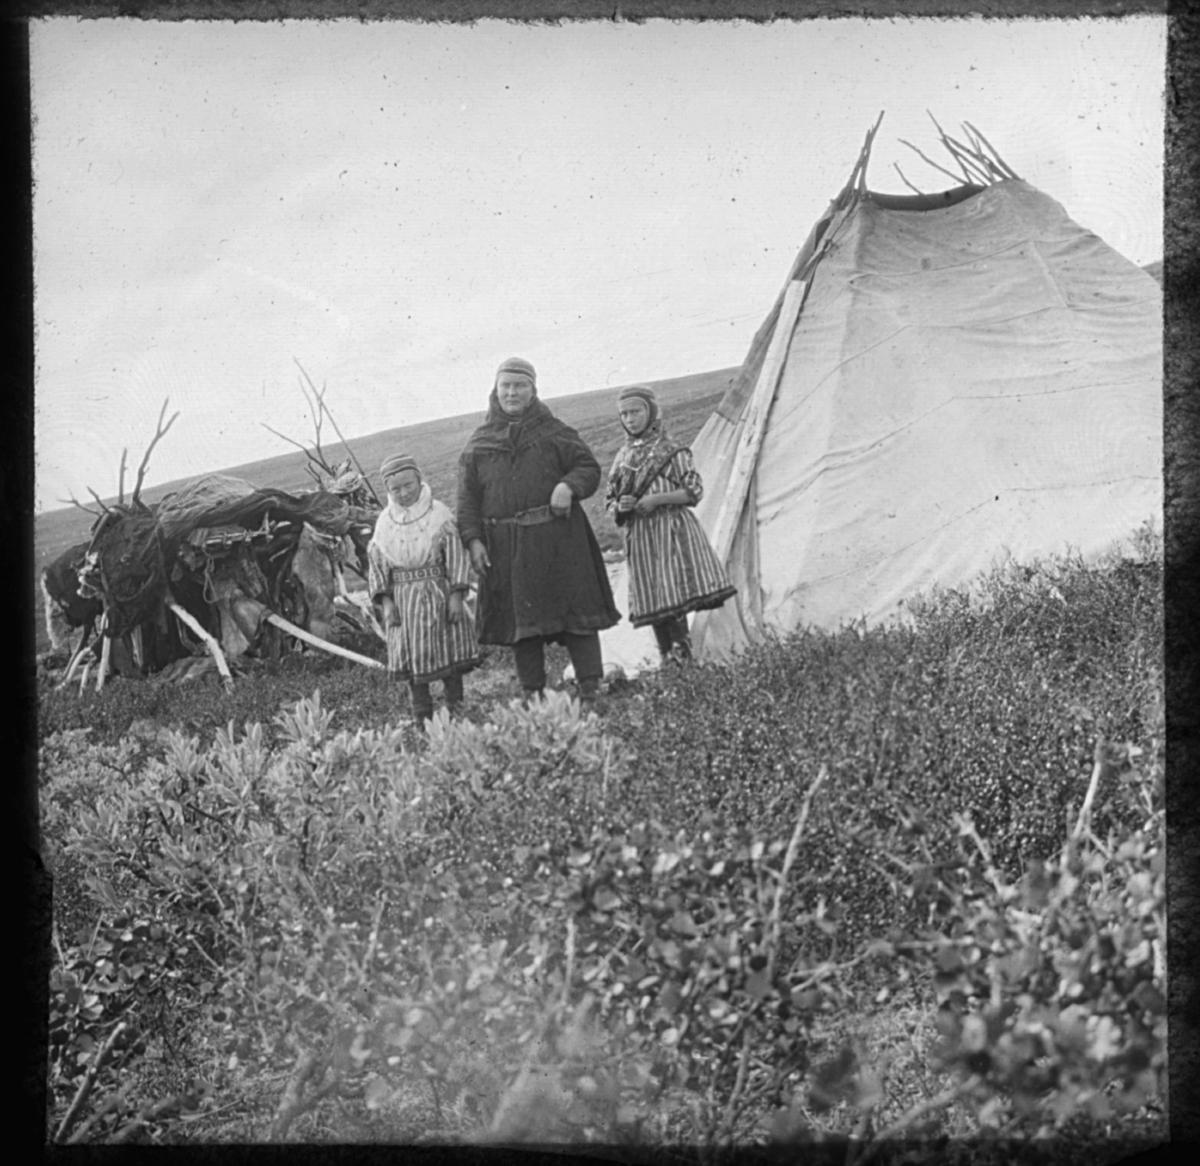 """""""N.361.) Sommertelt."""" står det på glassplaten. Portrett ved sametelt. En samisk kvinne og to samiske jenter står ved et sametelt. Teltet er bygget av bjørkestammer trukket med lerret. Kvinnene er kledd i samekofter med sjal ogluer. I livet har de samiske belter. I bakgrunnen skimtes vidda og til venstre i bildet er det en haug med det som sansynligvis er reinsdyrskinn og tekstiler, mulig er det garvet skinn som henger til tørk."""